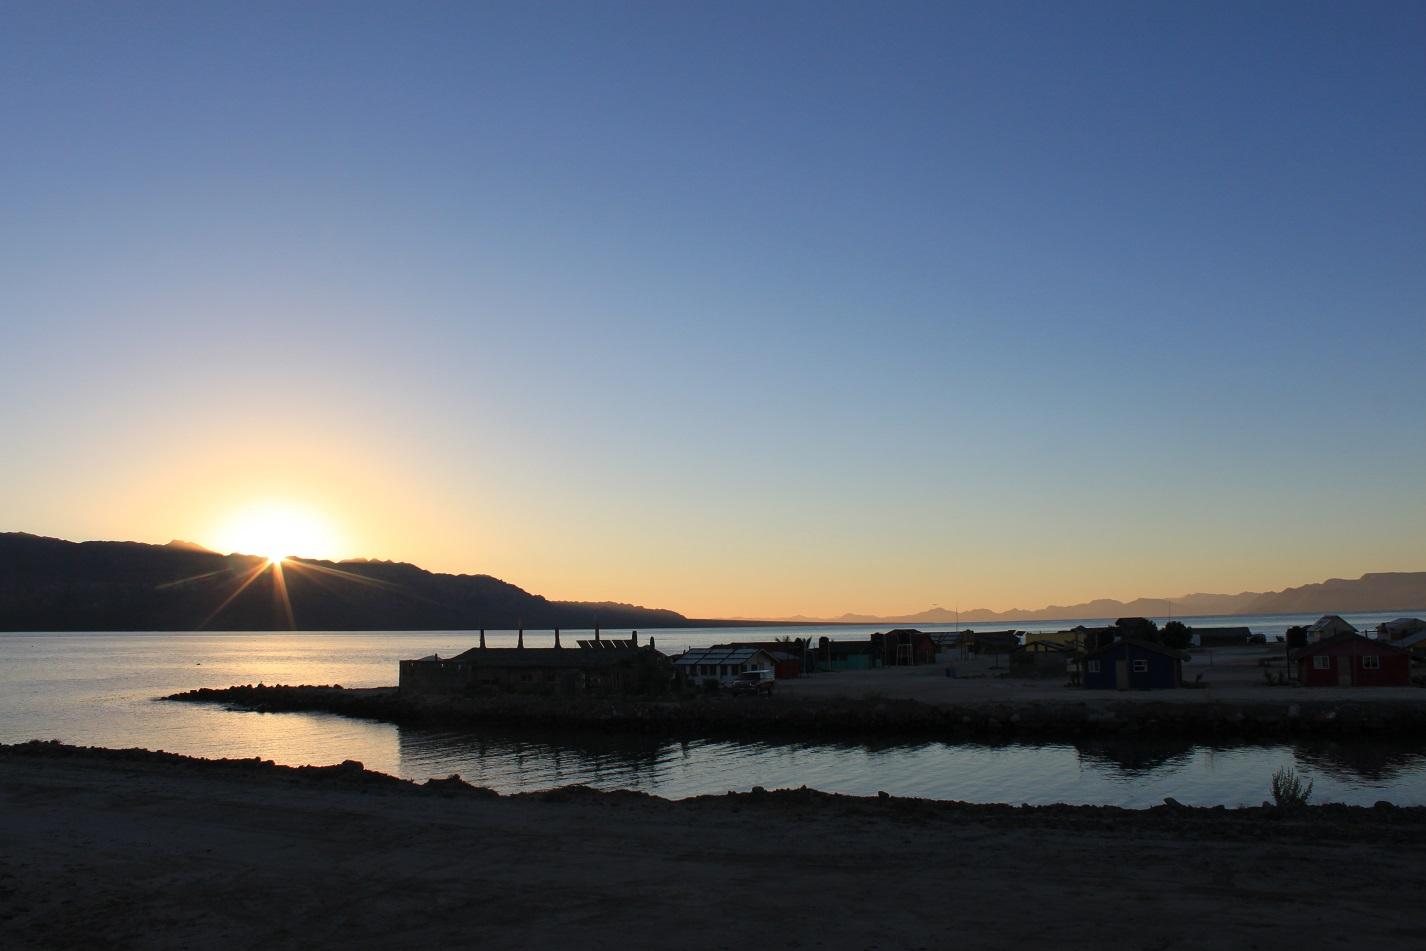 Mit diesem Sonnenaufgang wurden wir aus dem Paradies verabschiedet.